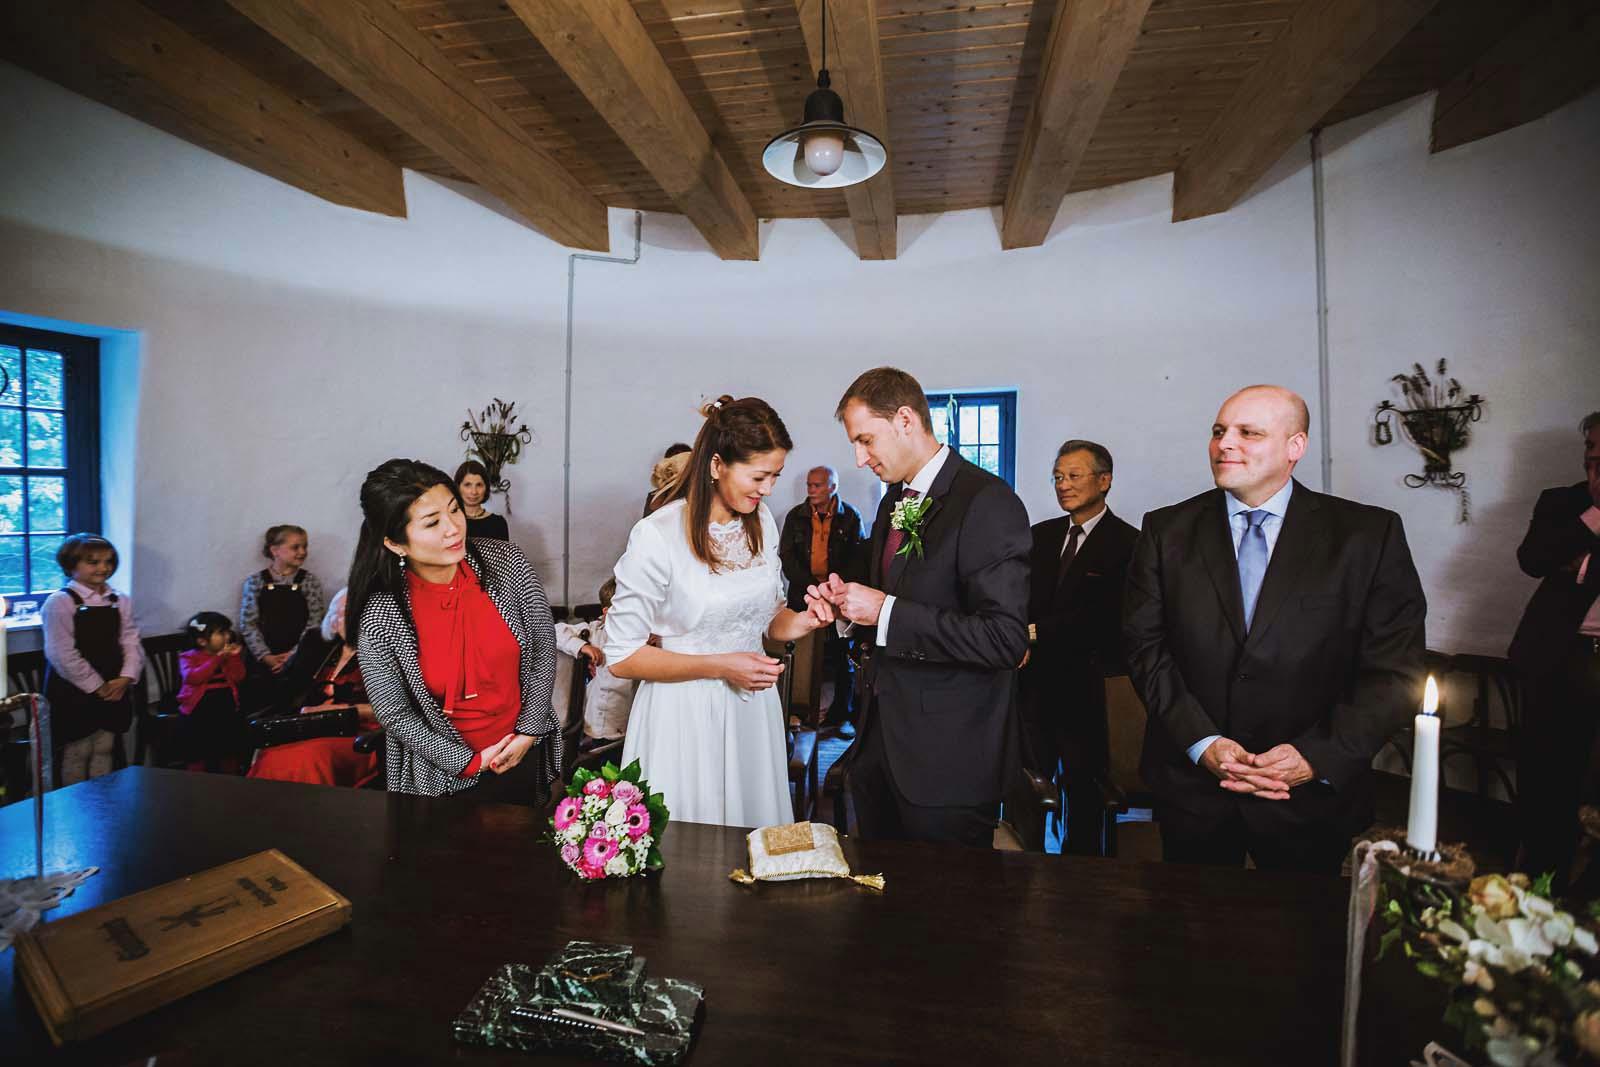 Hochzeitsfotograf Gifhorn im Standesamt Gifhorner Muehle Copyright by Hochzeitsfotograf www.berliner-hochzeitsfotografie.de